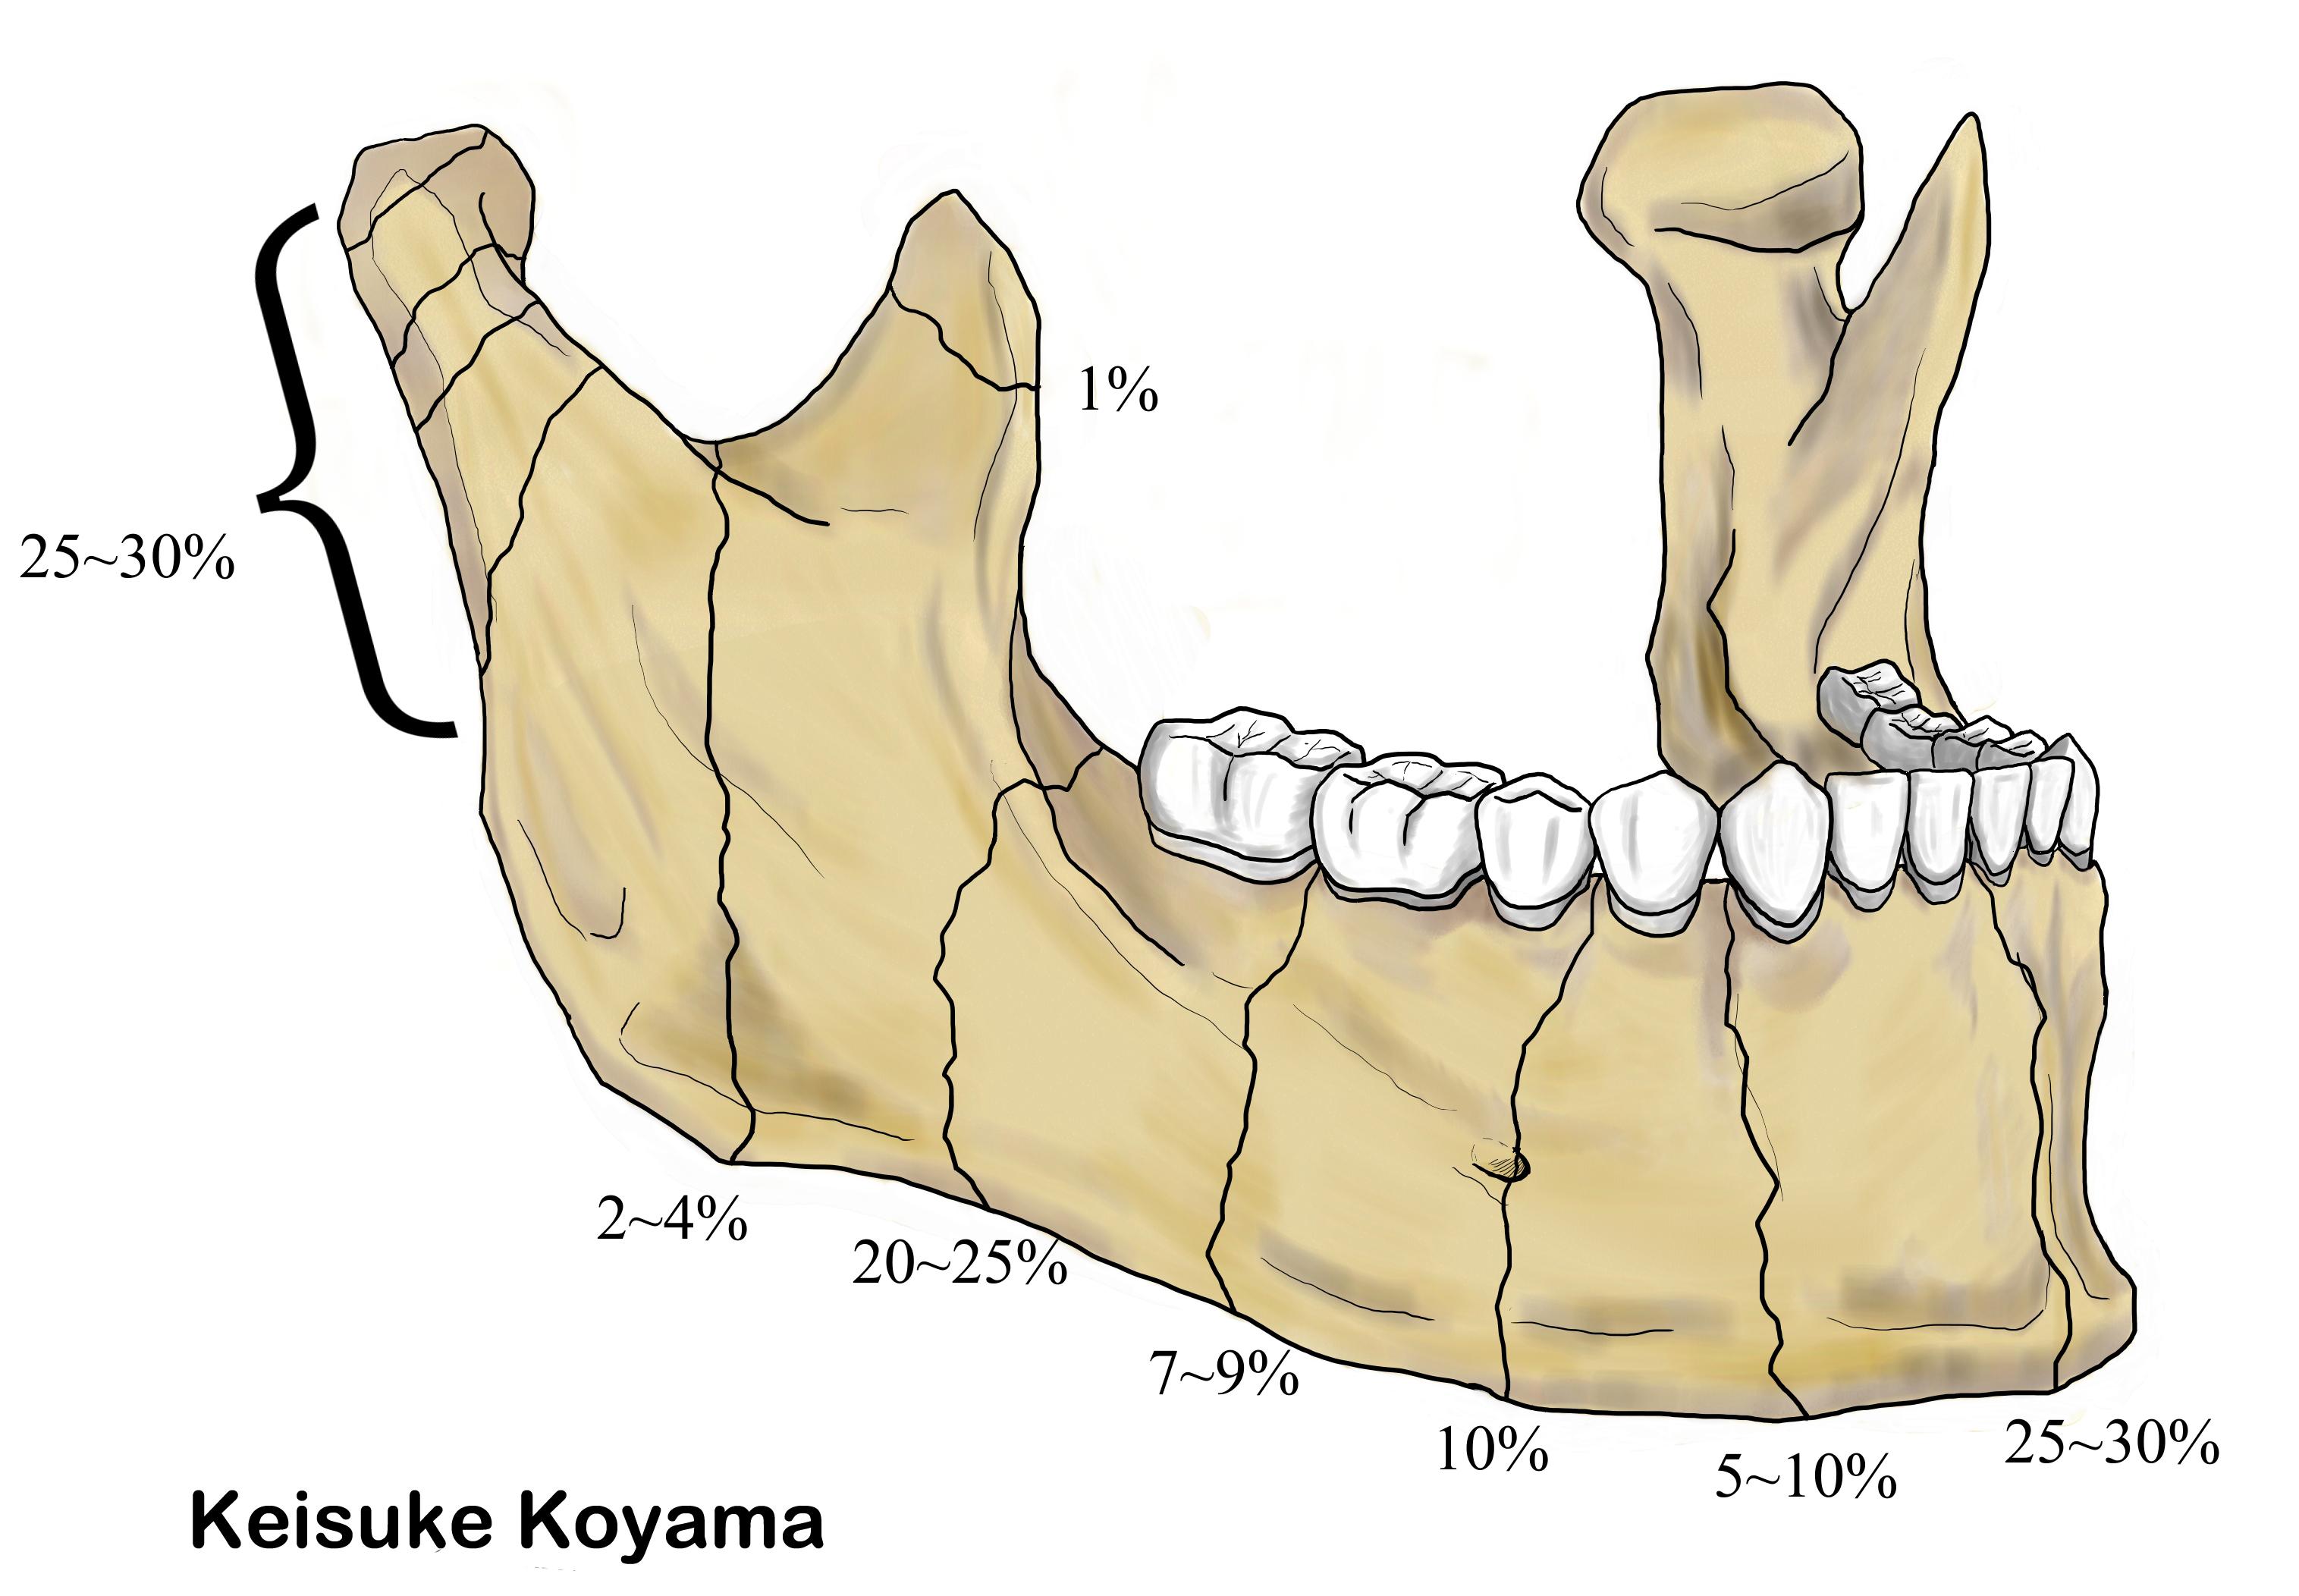 小山慶介イラスト Keisuke Koyama fractures line 1-2